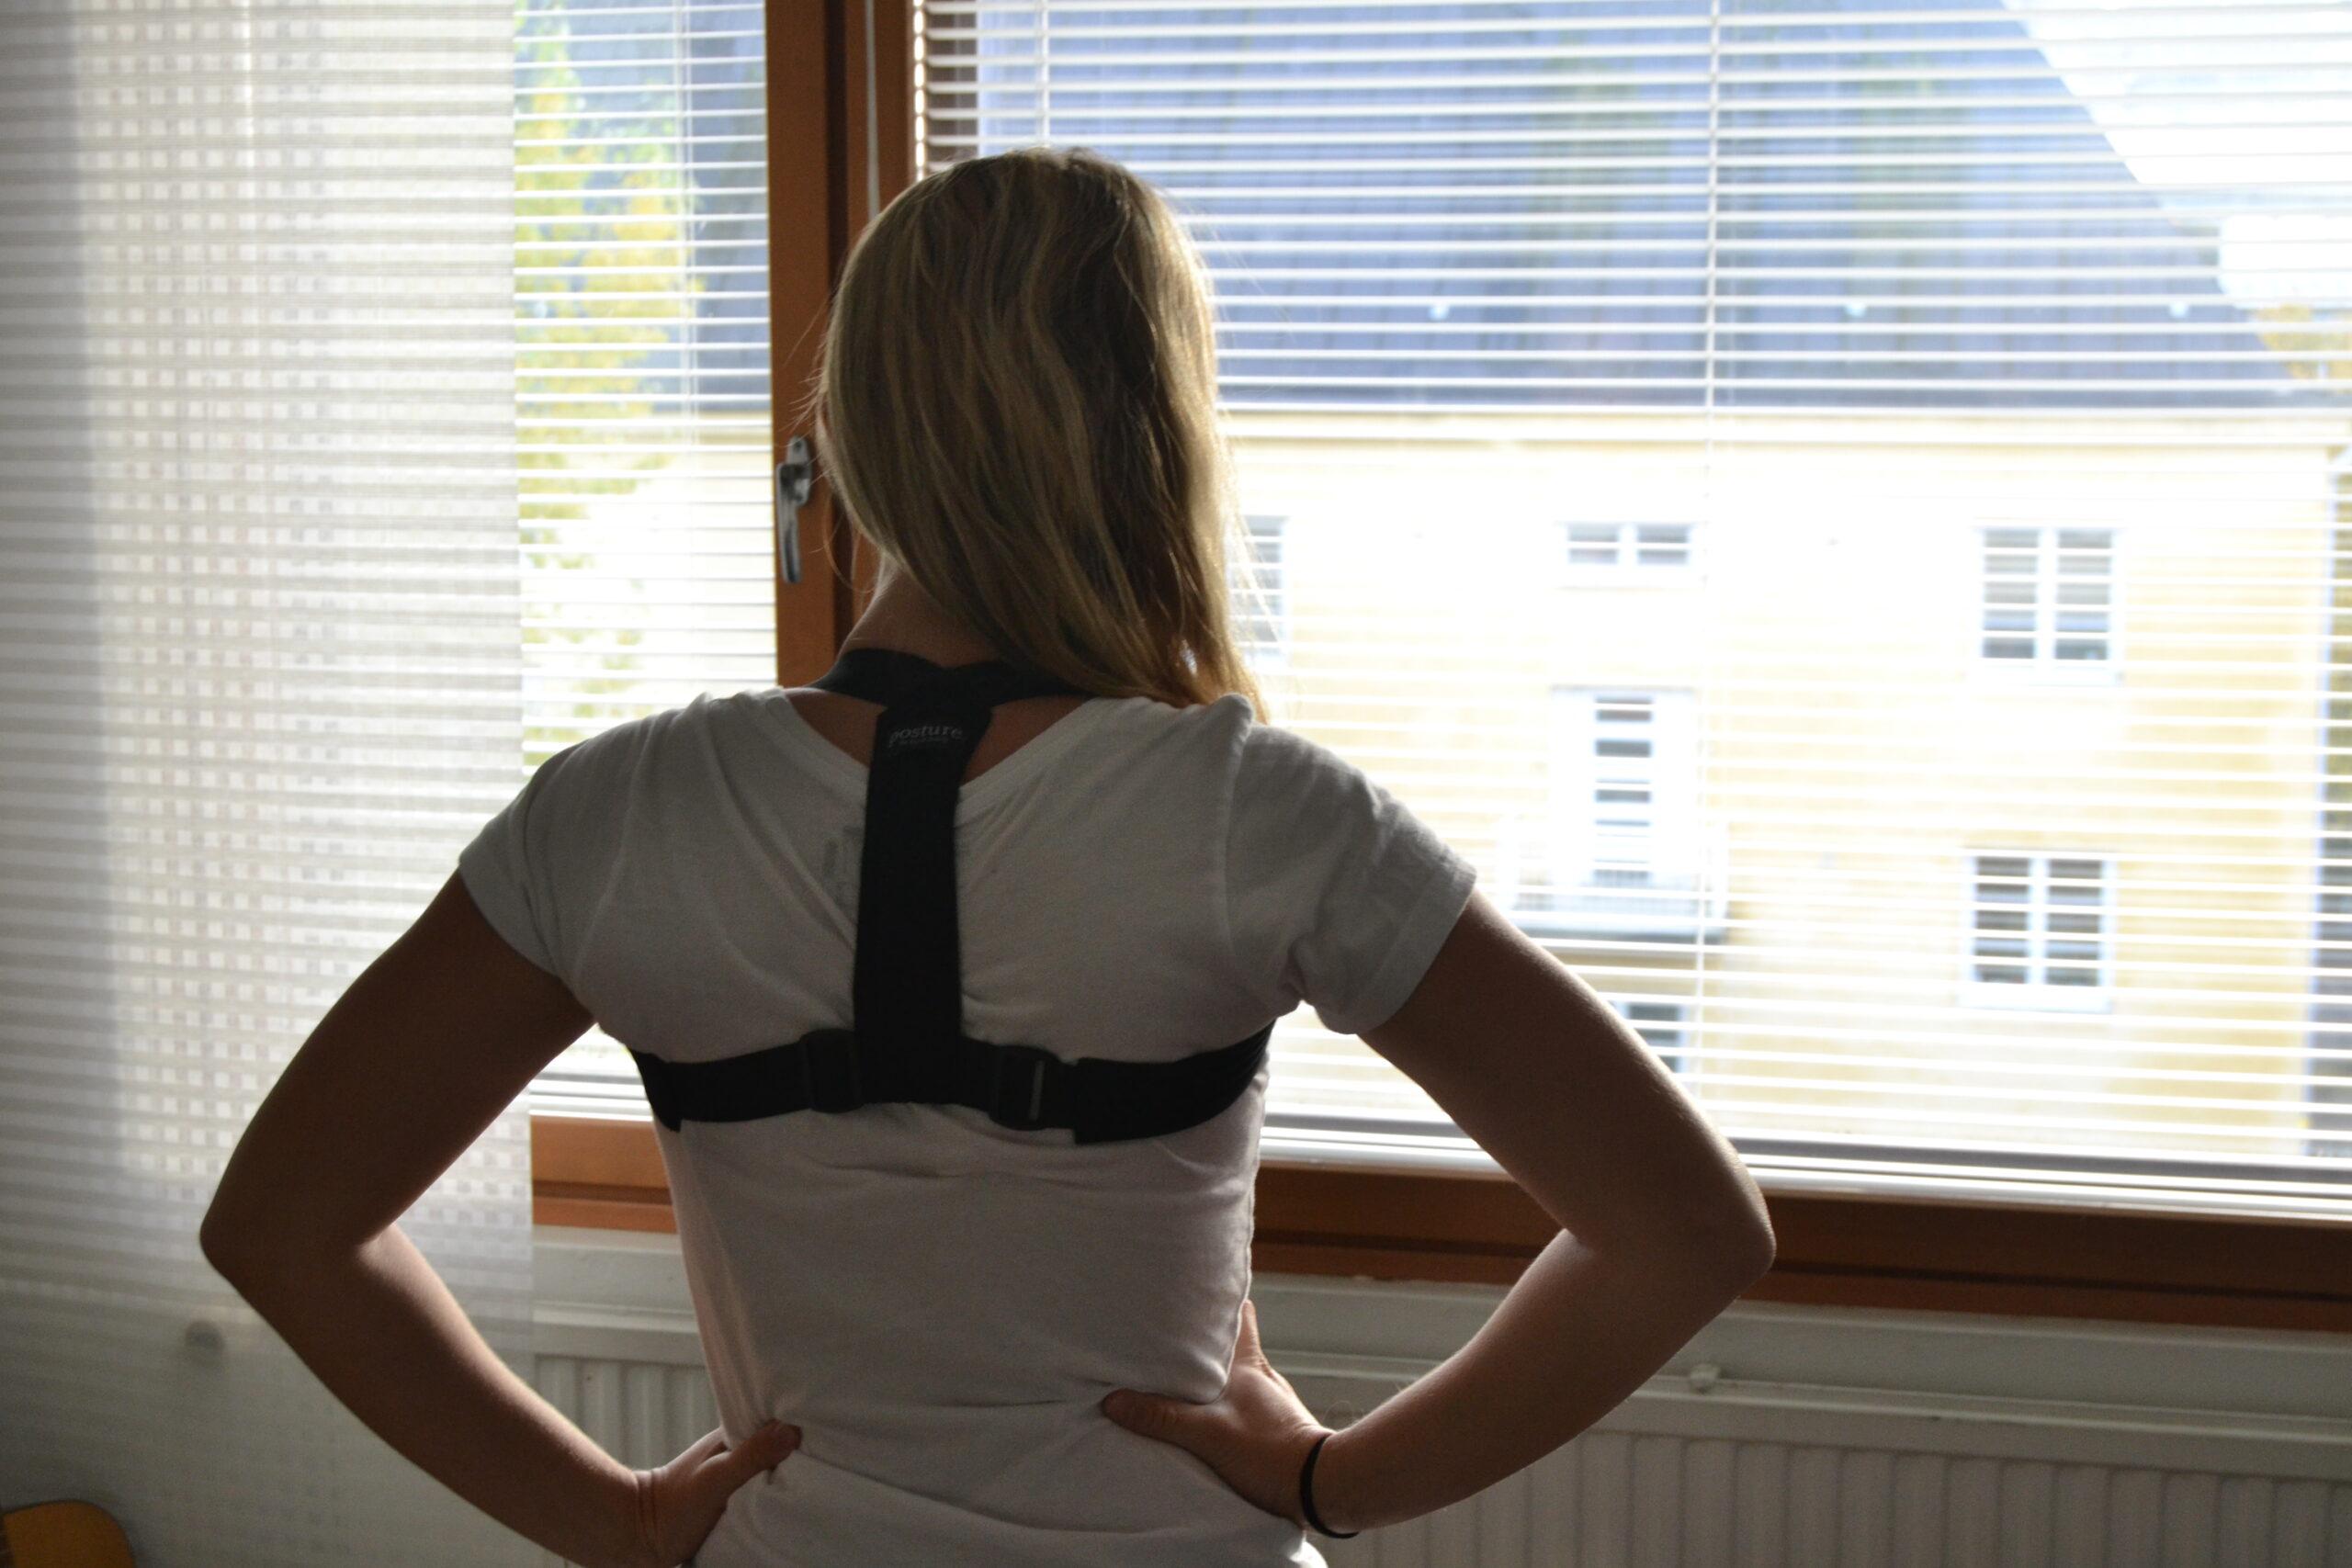 Bloggtävling: förbättra hållningen med Posture